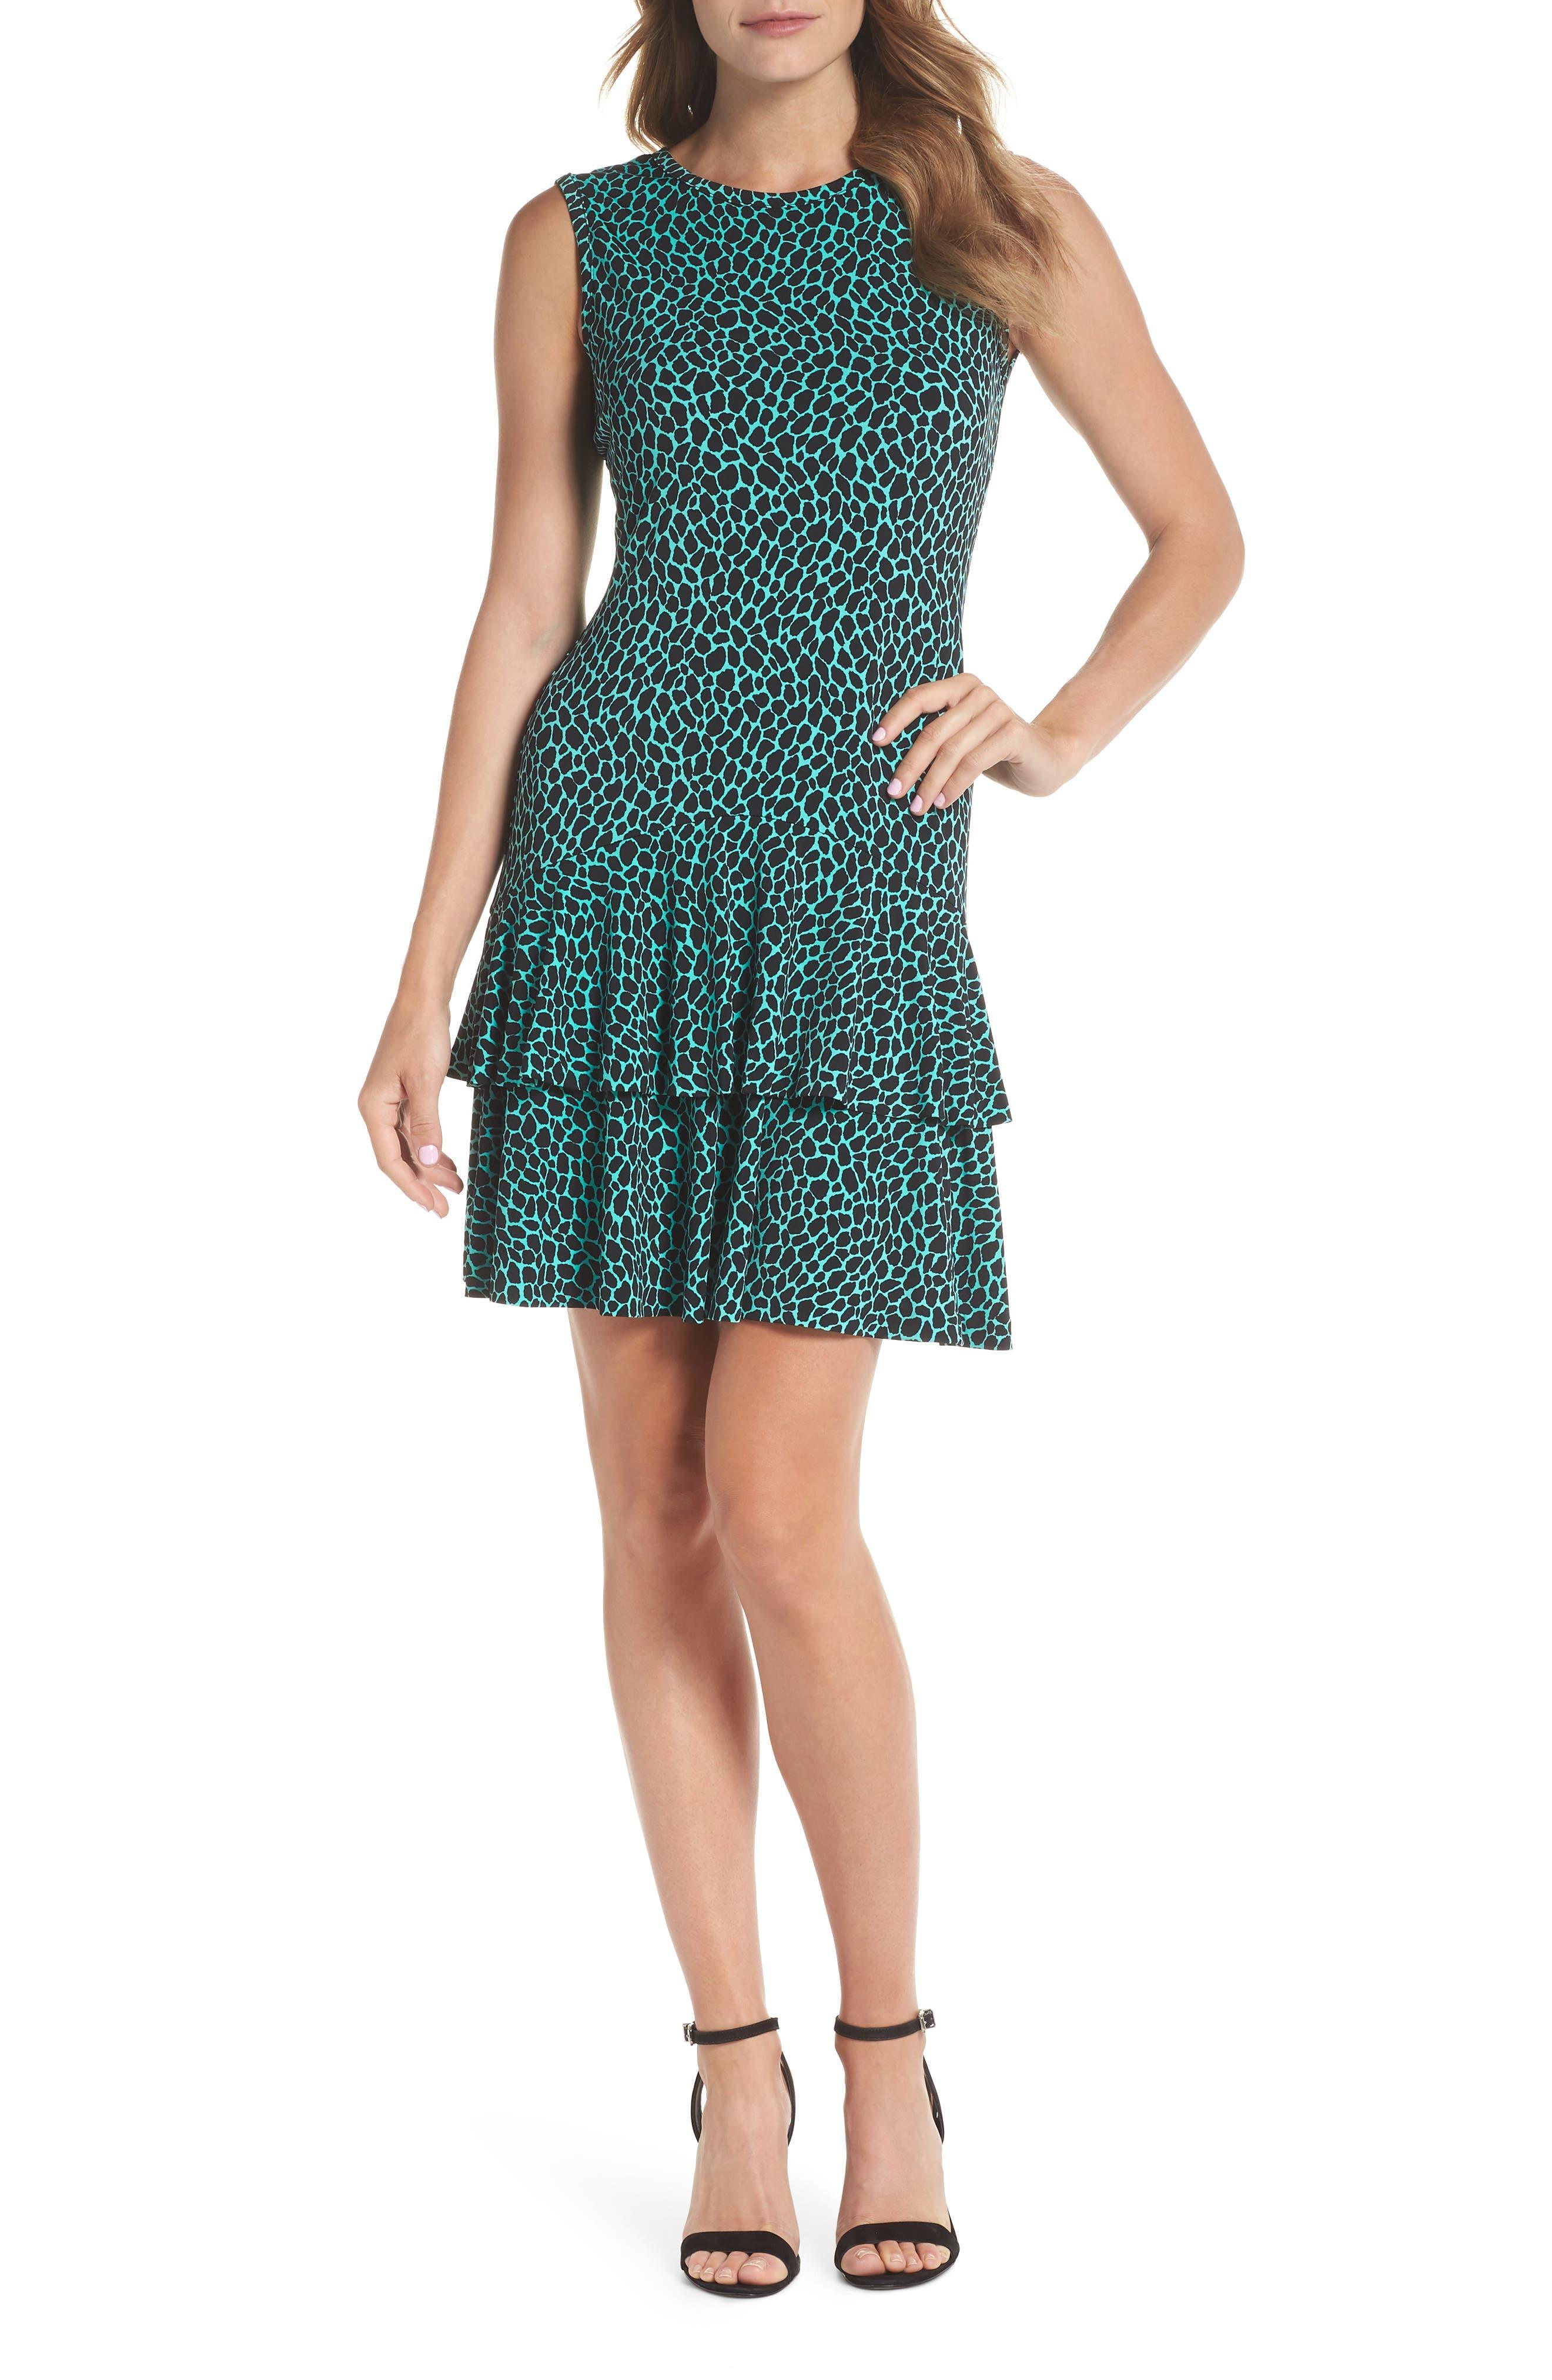 Leopard Print Flounce Hem Dress,                         Main,                         color, Aqua/ Black